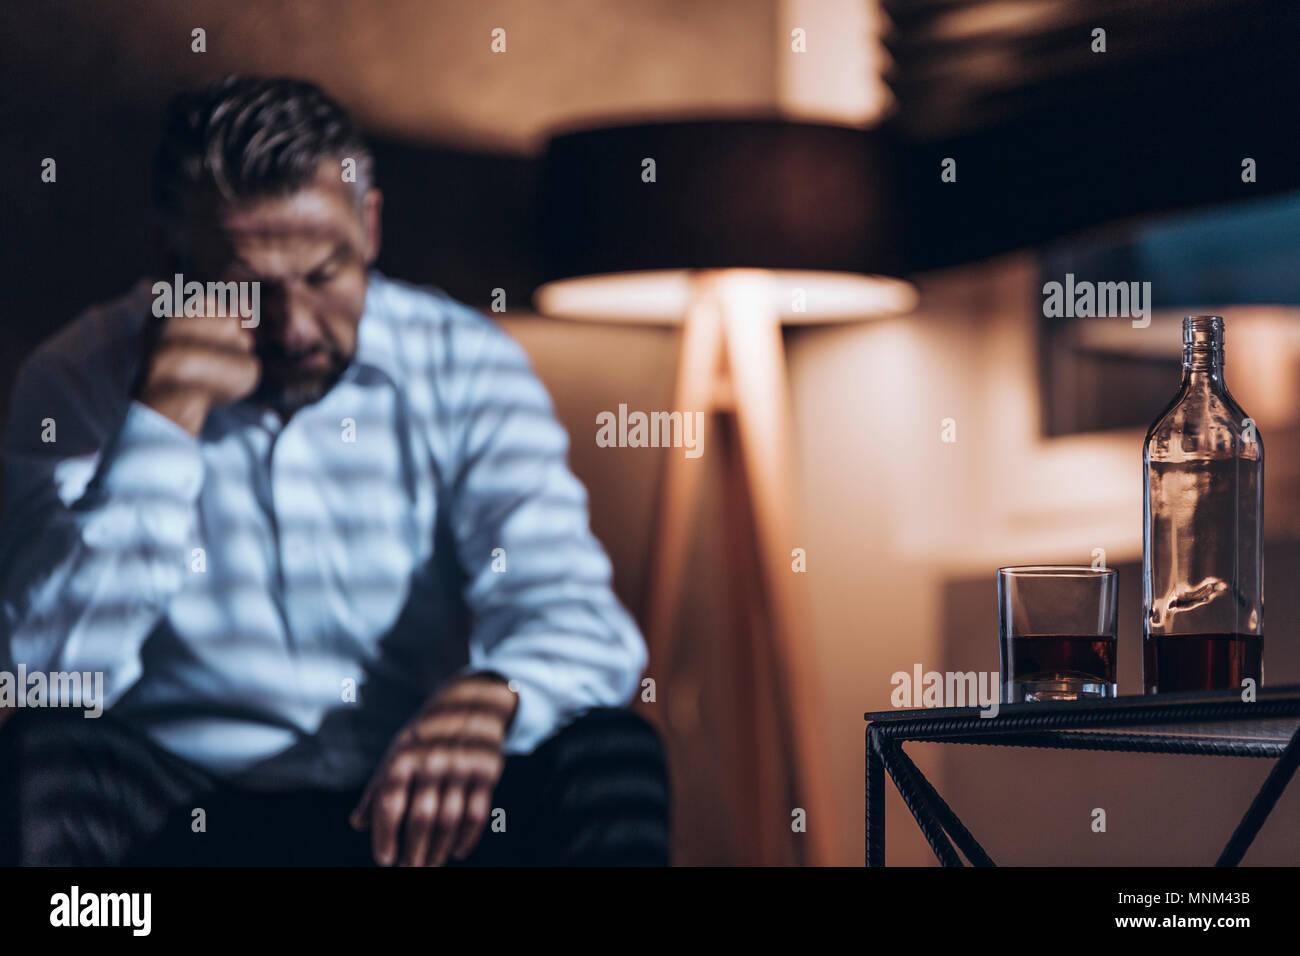 Botella de vidrio y con alcohol en el primer plano y el desaprovechamiento de addict sentado en la parte de atrás (borrosa) Imagen De Stock